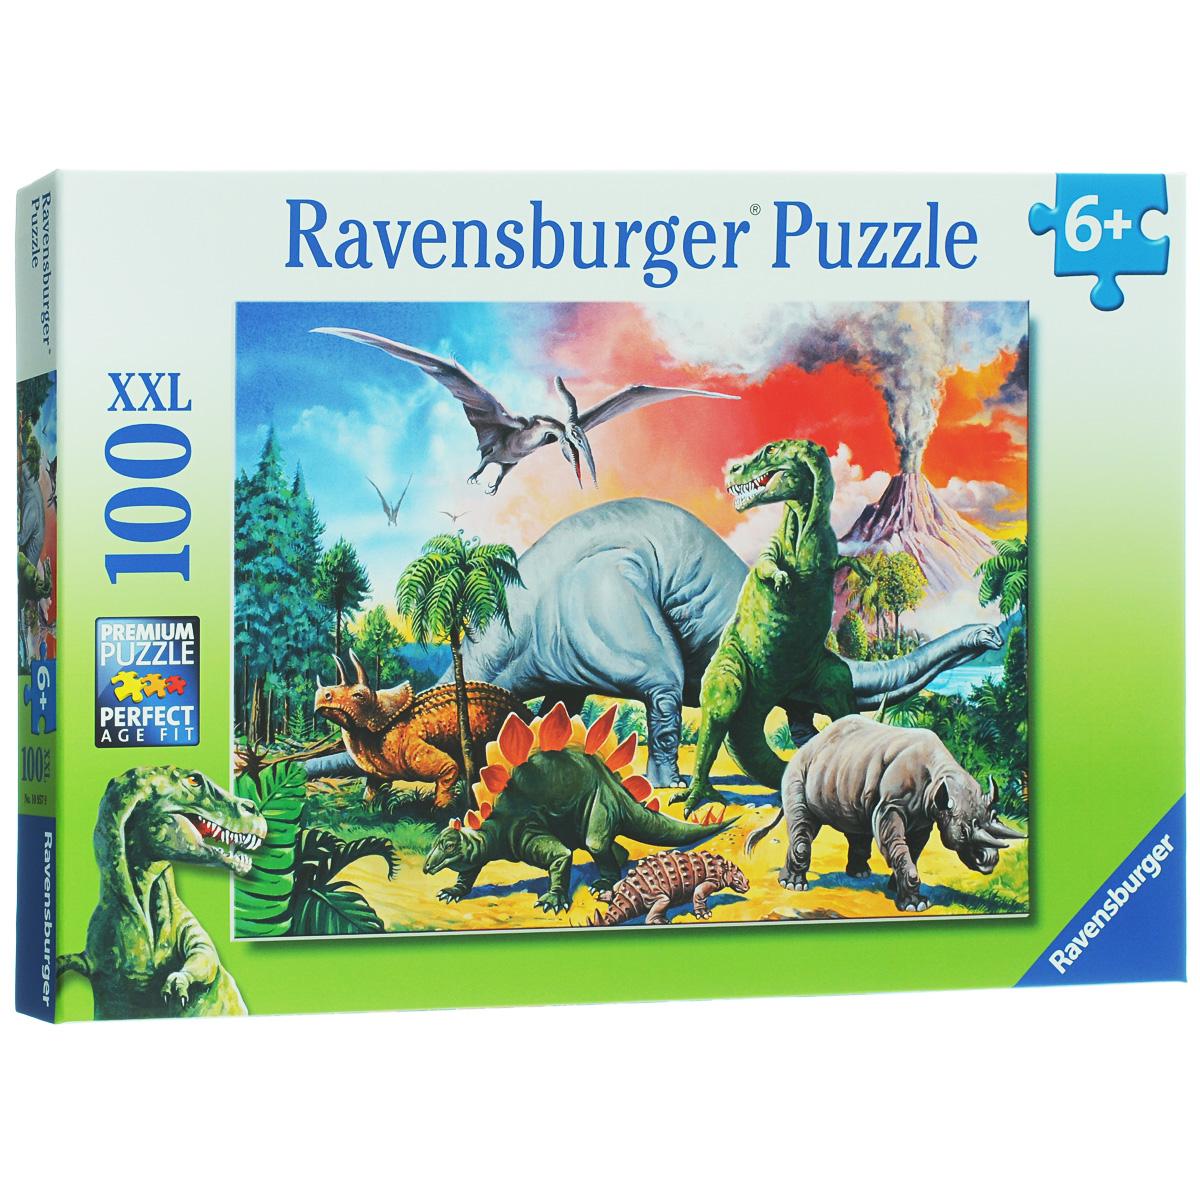 Ravensburger Среди динозавров. Пазл XXL, 100 элементов10957Пазл Ravensburger Среди динозавров обязательно понравится вашему ребенку. Собрав этот пазл, включающий в себя 100 крупных элементов, вы получите замечательную картинку с изображением разных видов динозавров. Пазл изготовлен из картона высочайшего качества. Каждая деталь имеет свою форму и подходит только на свое место. Пазлы - замечательная развивающая игра для детей. Собирание пазла развивает у ребенка мелкую моторику рук, тренирует наблюдательность, логическое мышление, знакомит с окружающим миром, с цветом и разнообразными формами, учит усидчивости и терпению, аккуратности и вниманию.